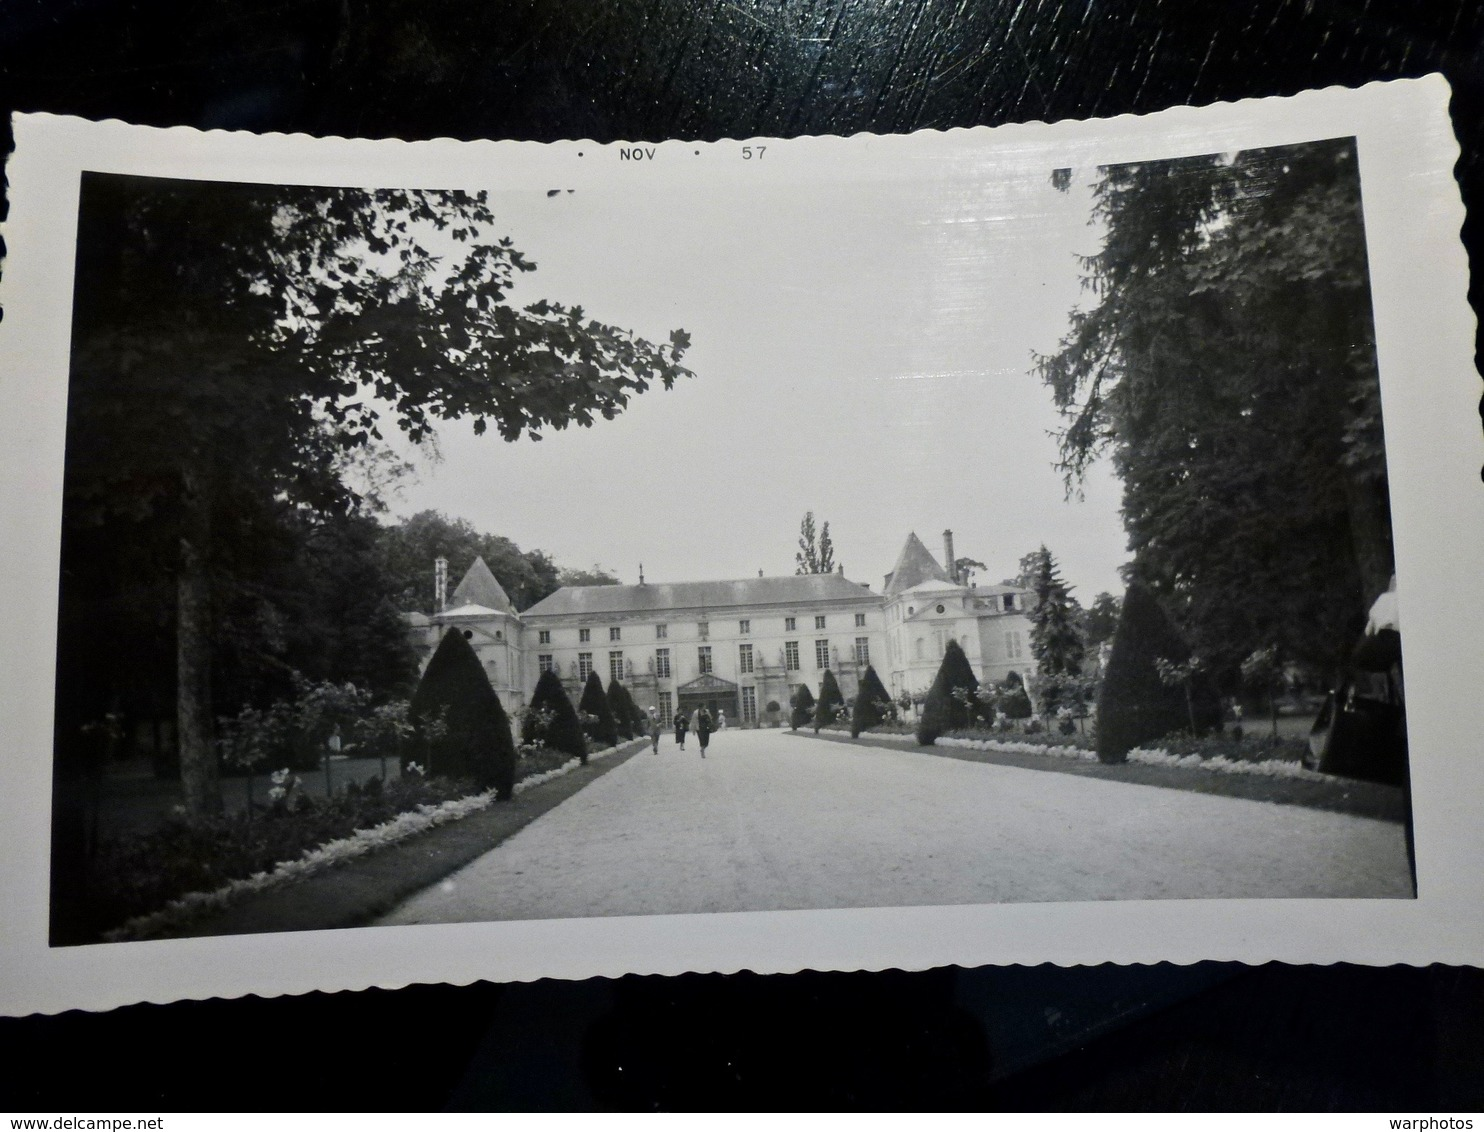 PHOTO ORIGINALE _ VINTAGE SNAPSHOT : CHATEAU De MALMAISON à RUEIL MALMAISON _ HAUTS De SEINE _ FRANCE _ 1957 - Places